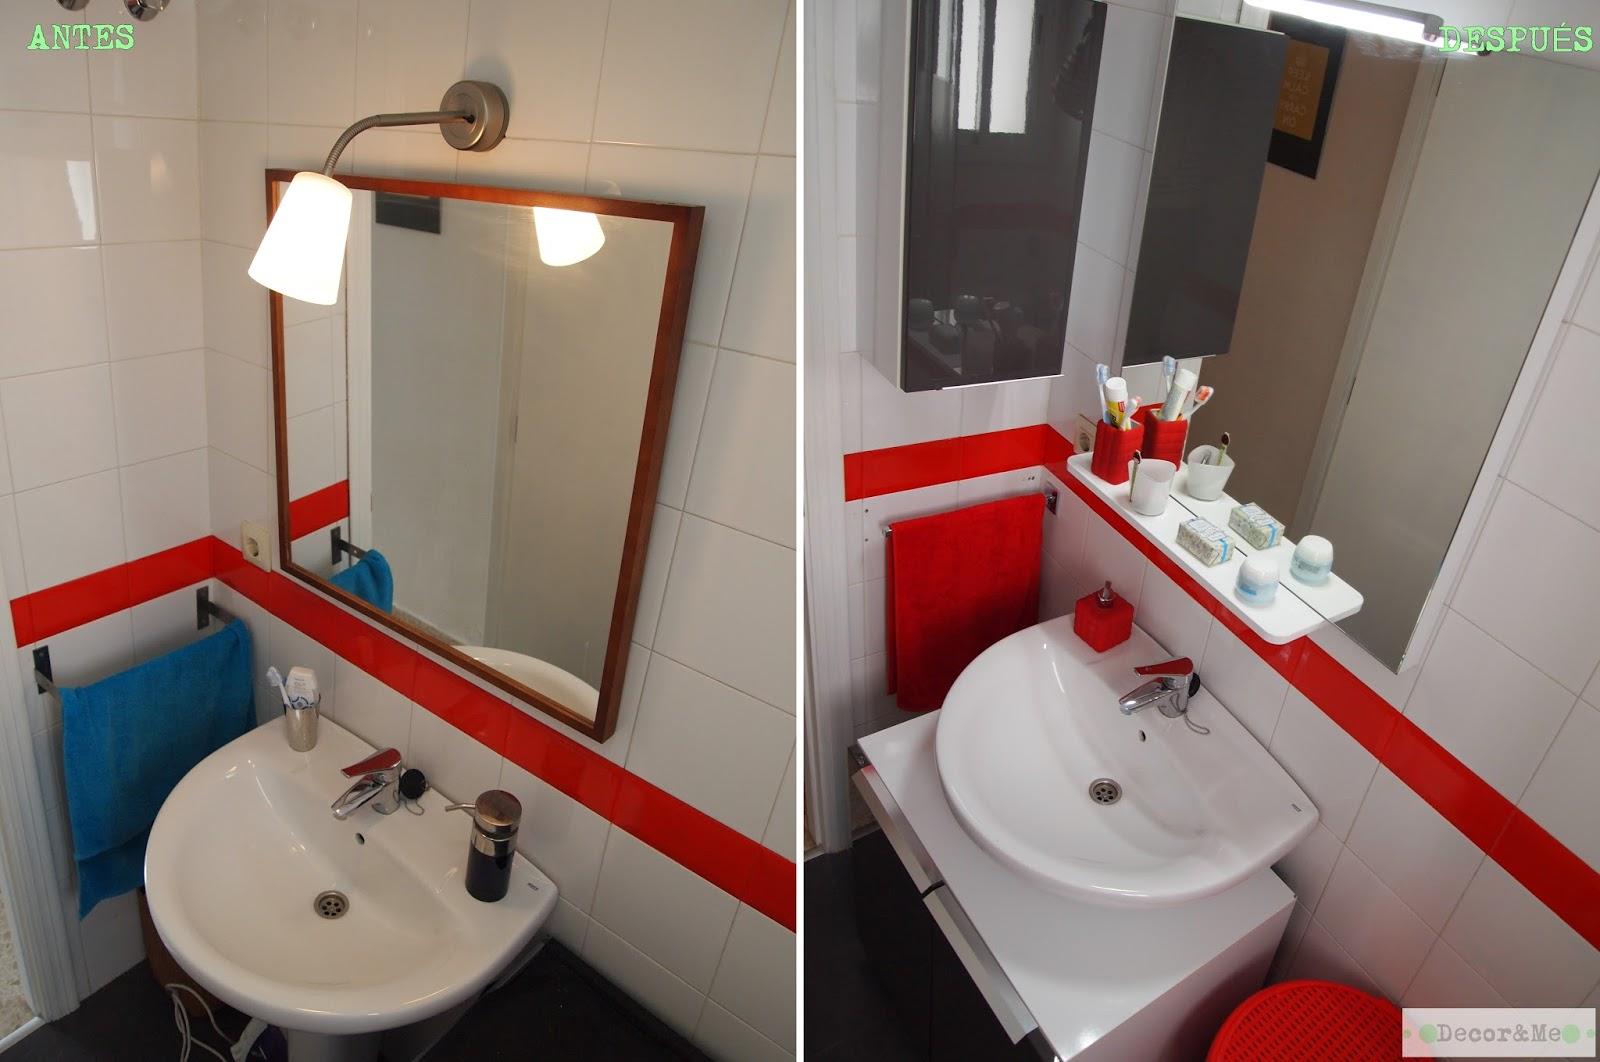 Decorar Baño Sin Obra:Al espejo le añadimos un aplique, de luz led, sencillo y cromado y